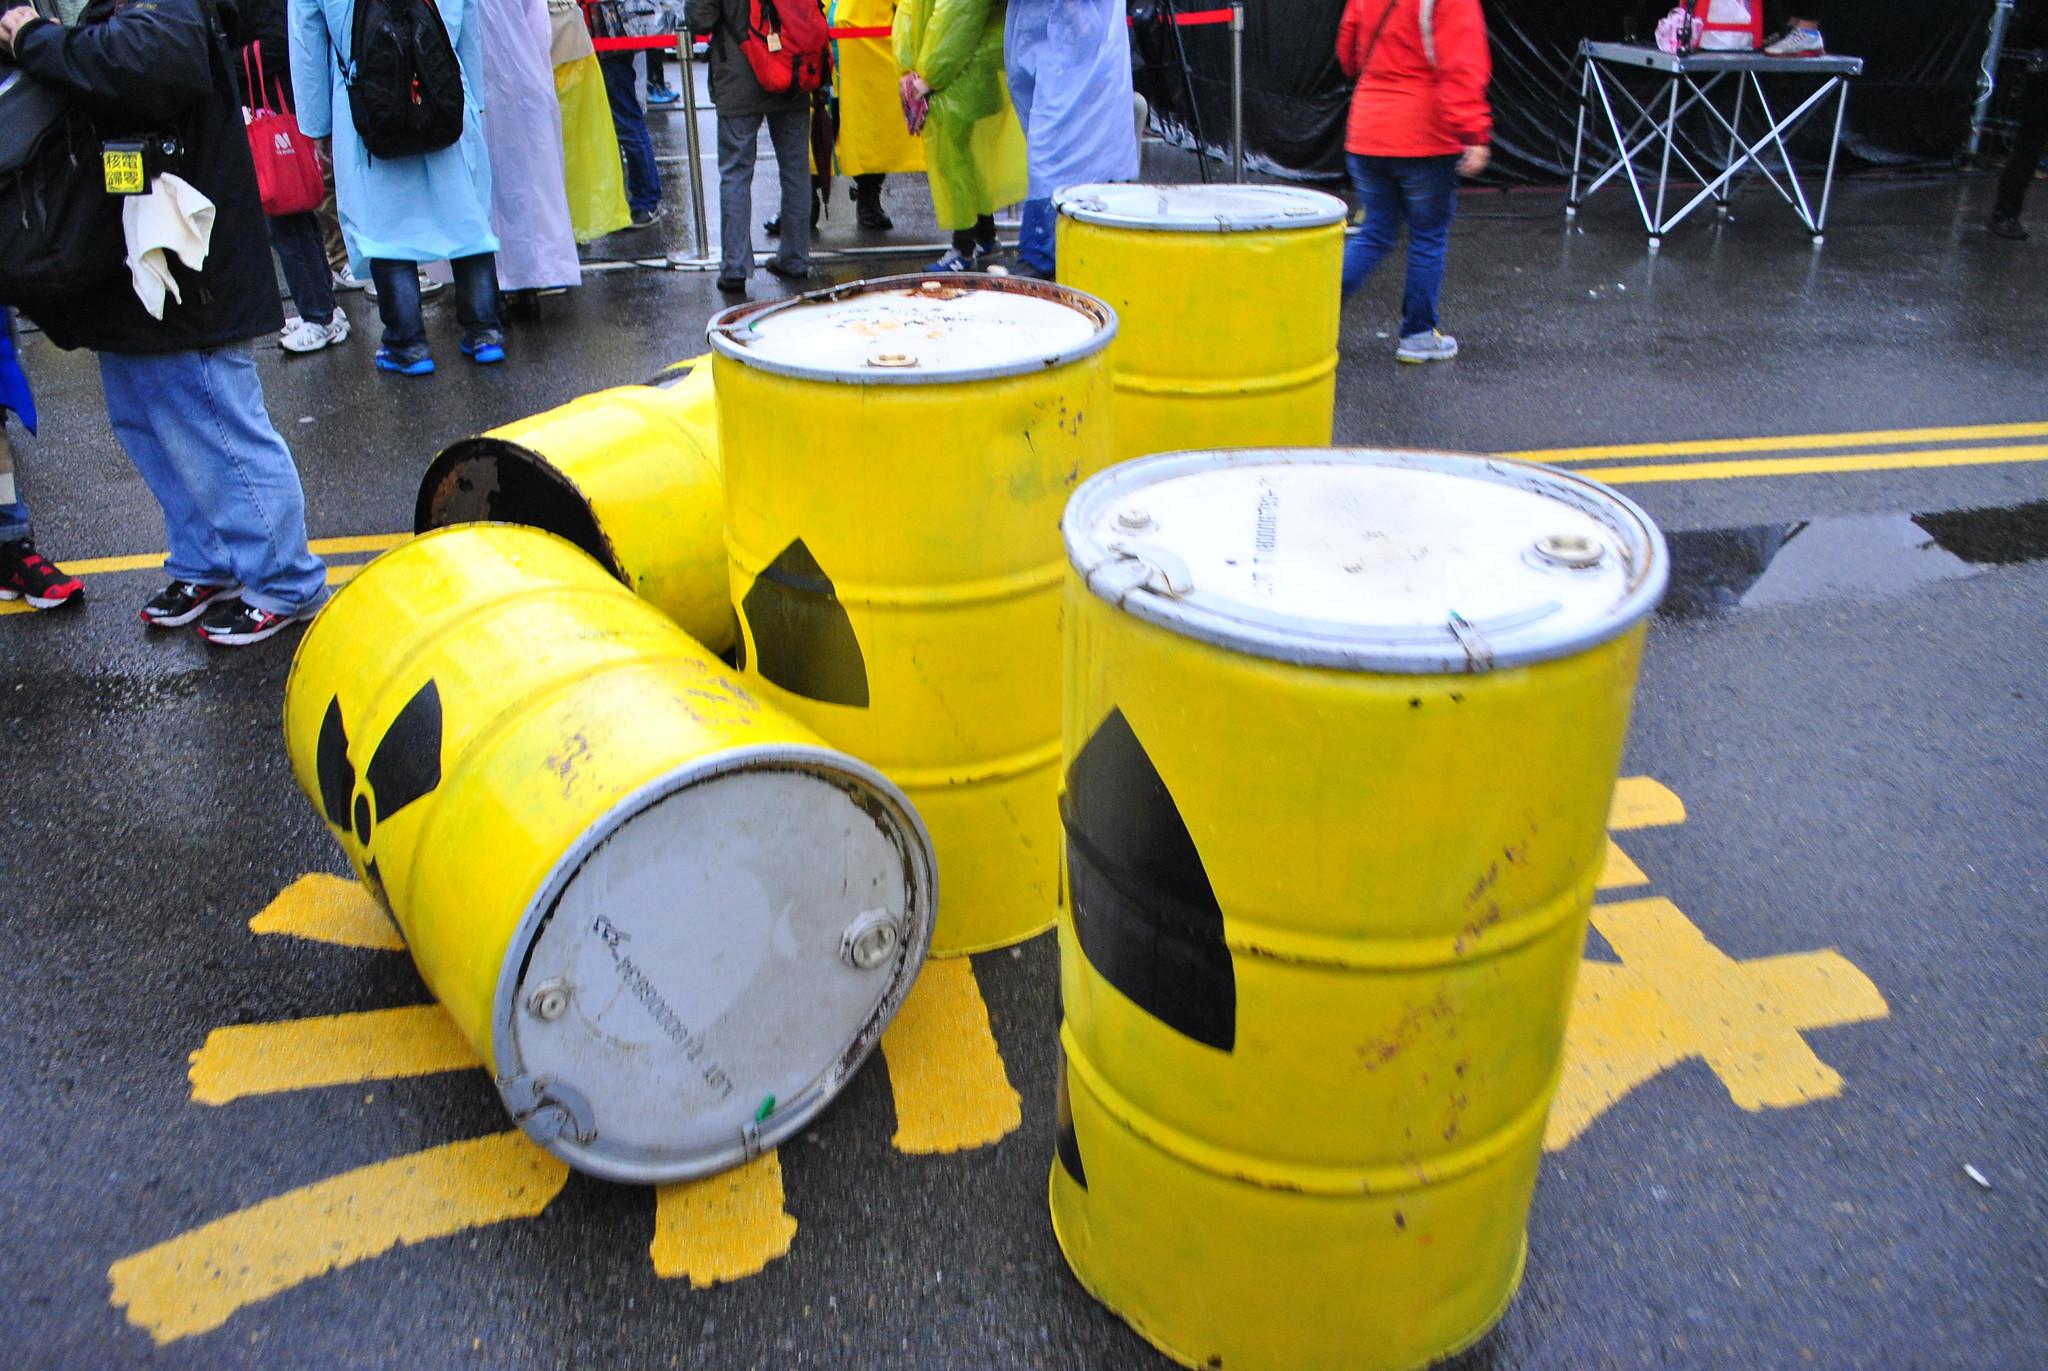 反核團體曾在台北街頭重置的核廢料桶道具。(資料照片)